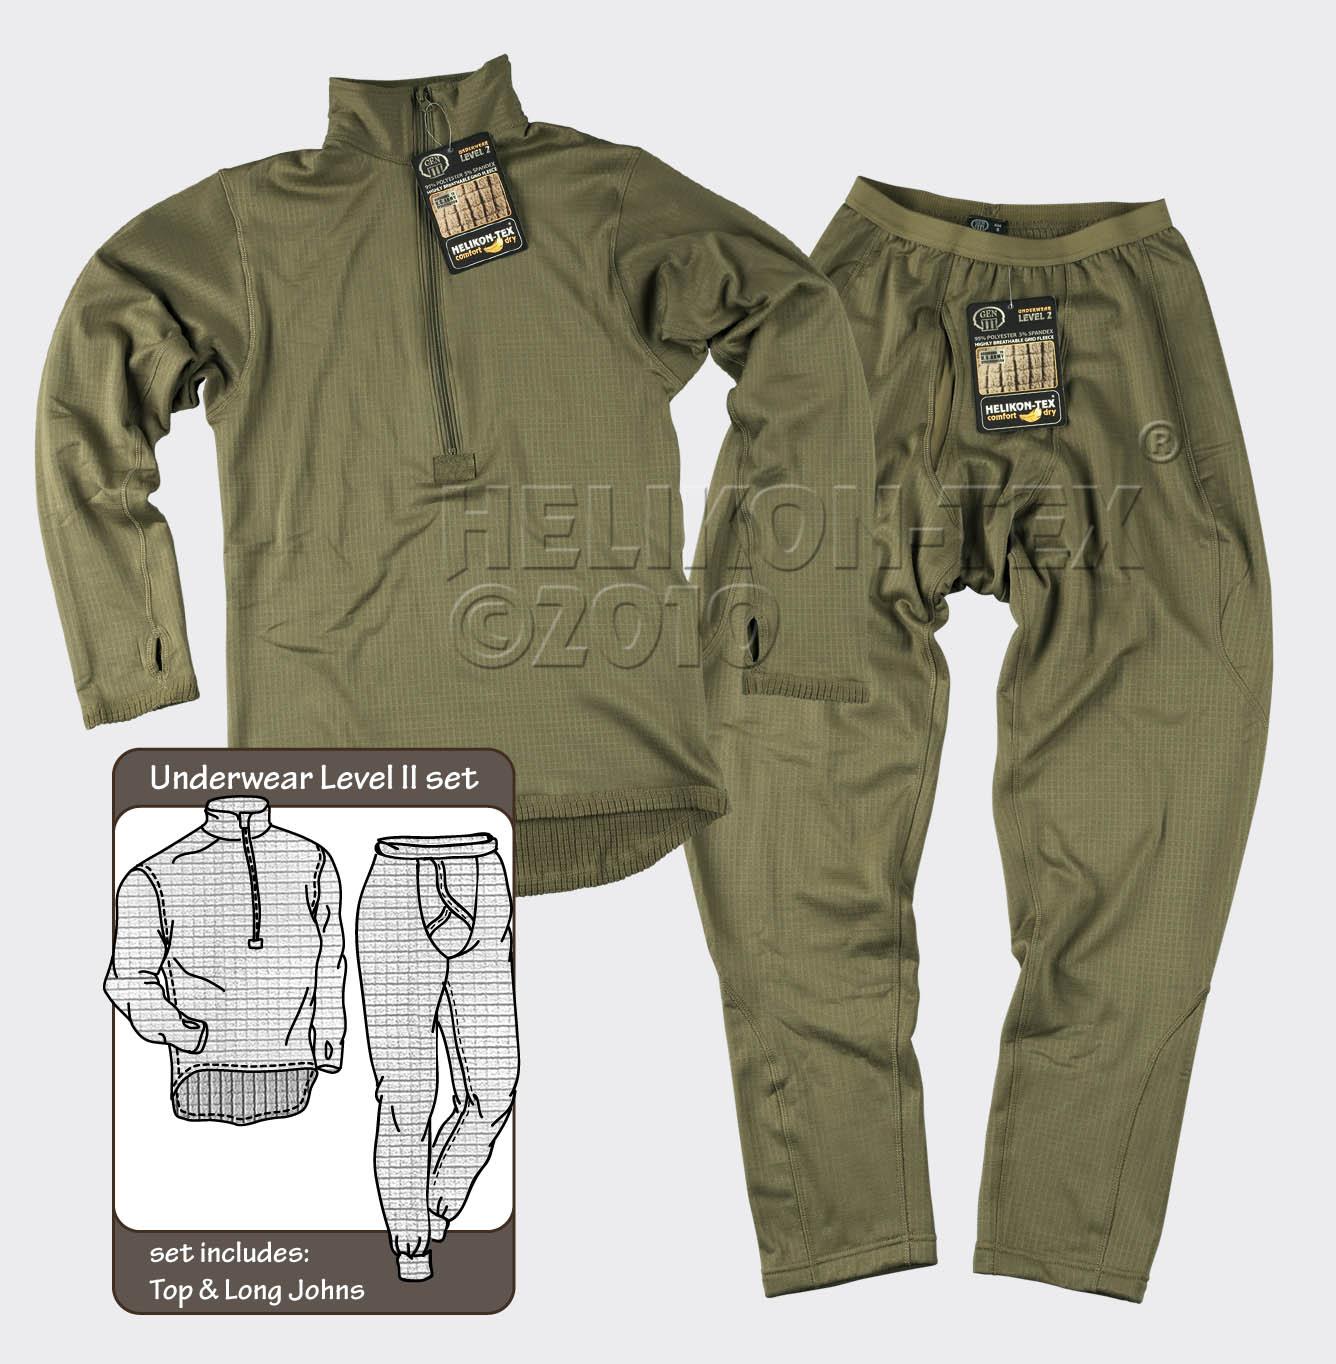 HELIKON-TEX Underwear (full set) US LVL 2 Olive Green KP-UN2-PO-02 Level 2.